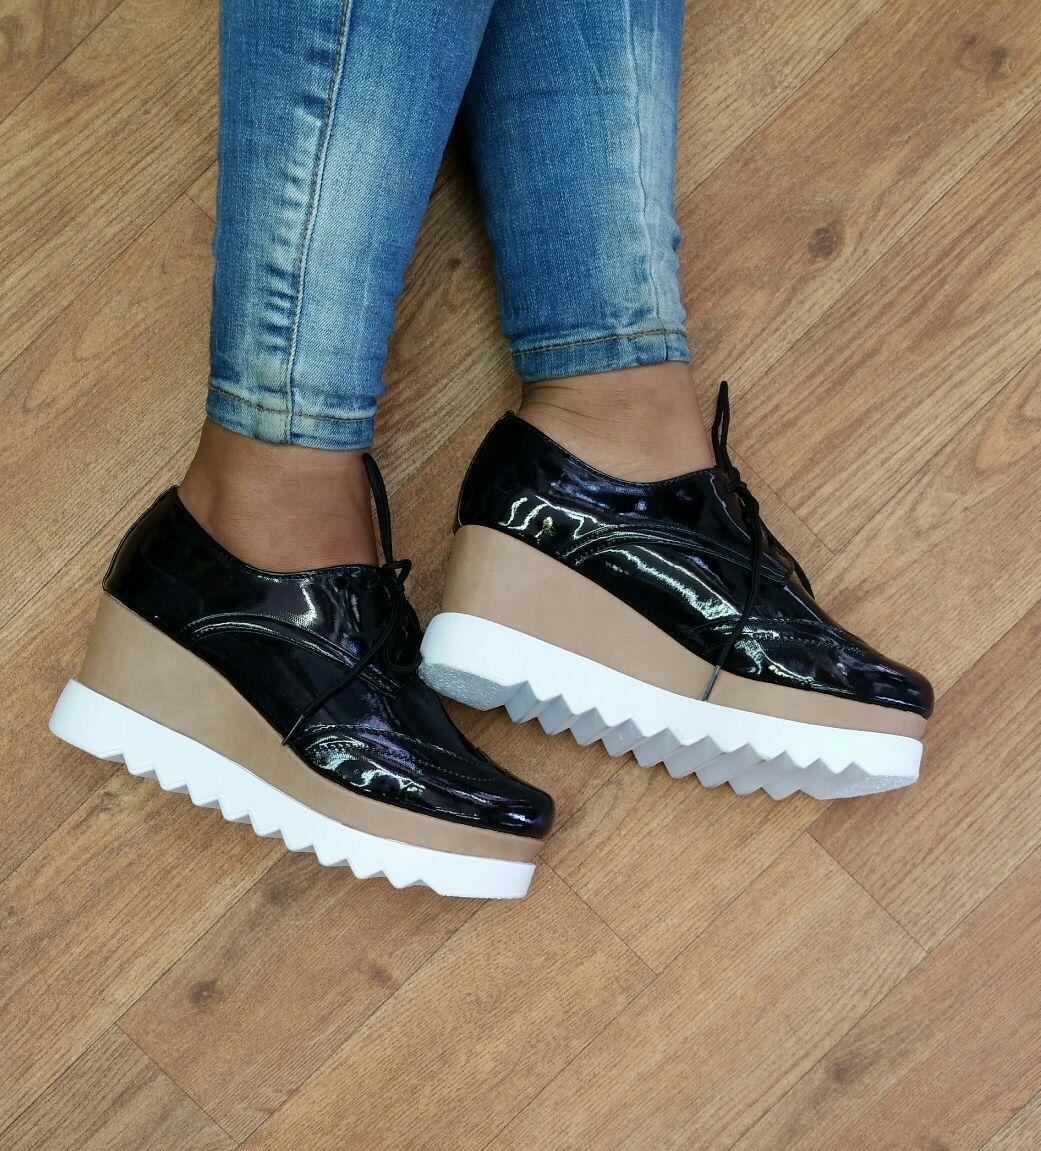 Disponibles para entrega inmediata   #bellezas #zapatos #shoes #colombia #enviosnacionales